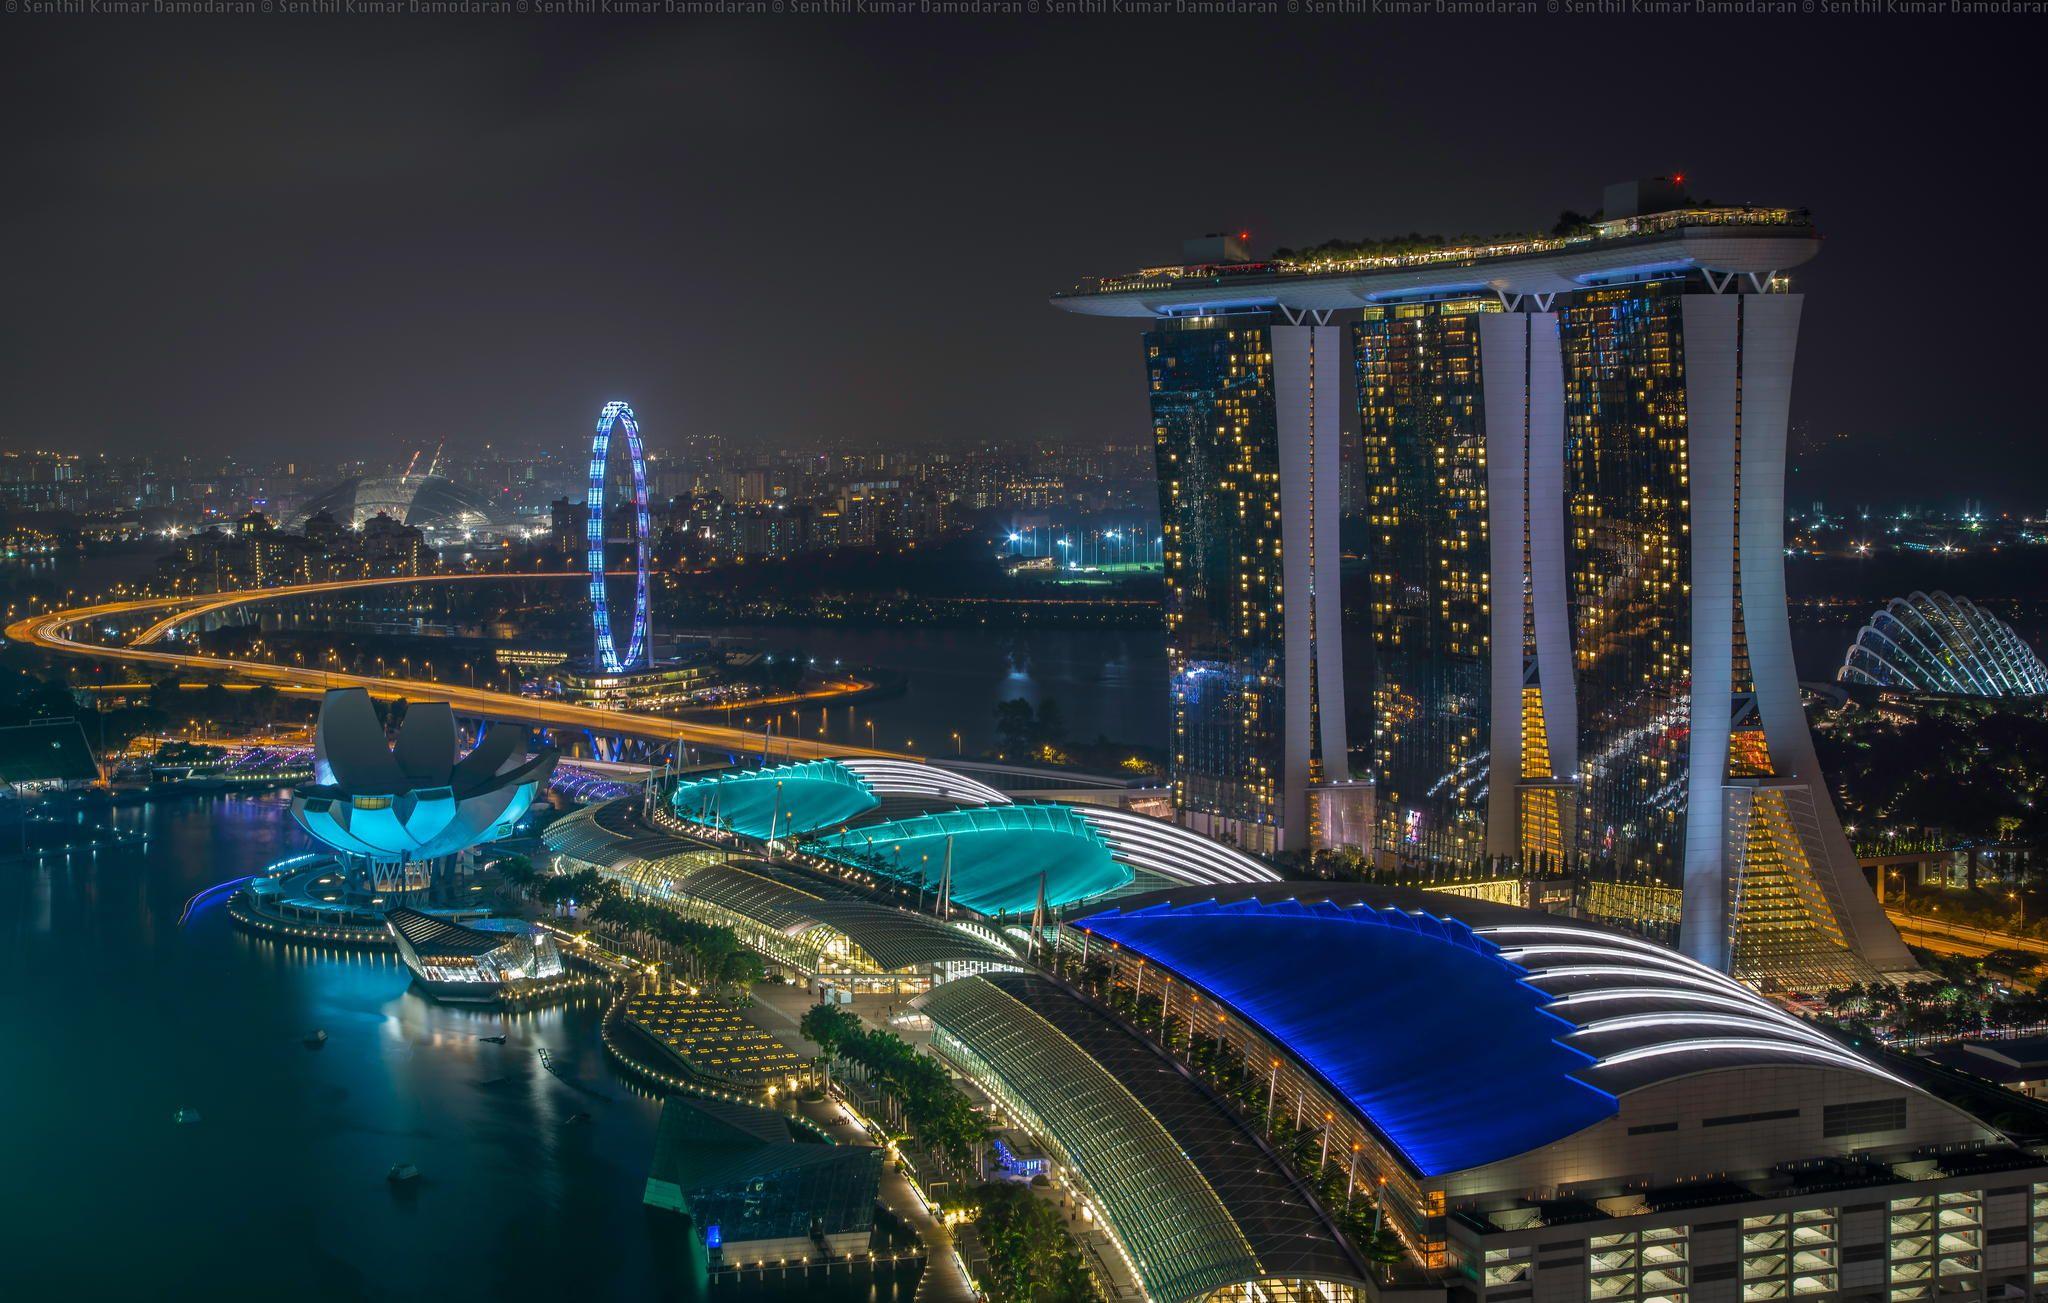 Fotografía Marina Bay Lights por Senthil Kumar Damodaran en 500px Marina Bay Sands, Singapur.